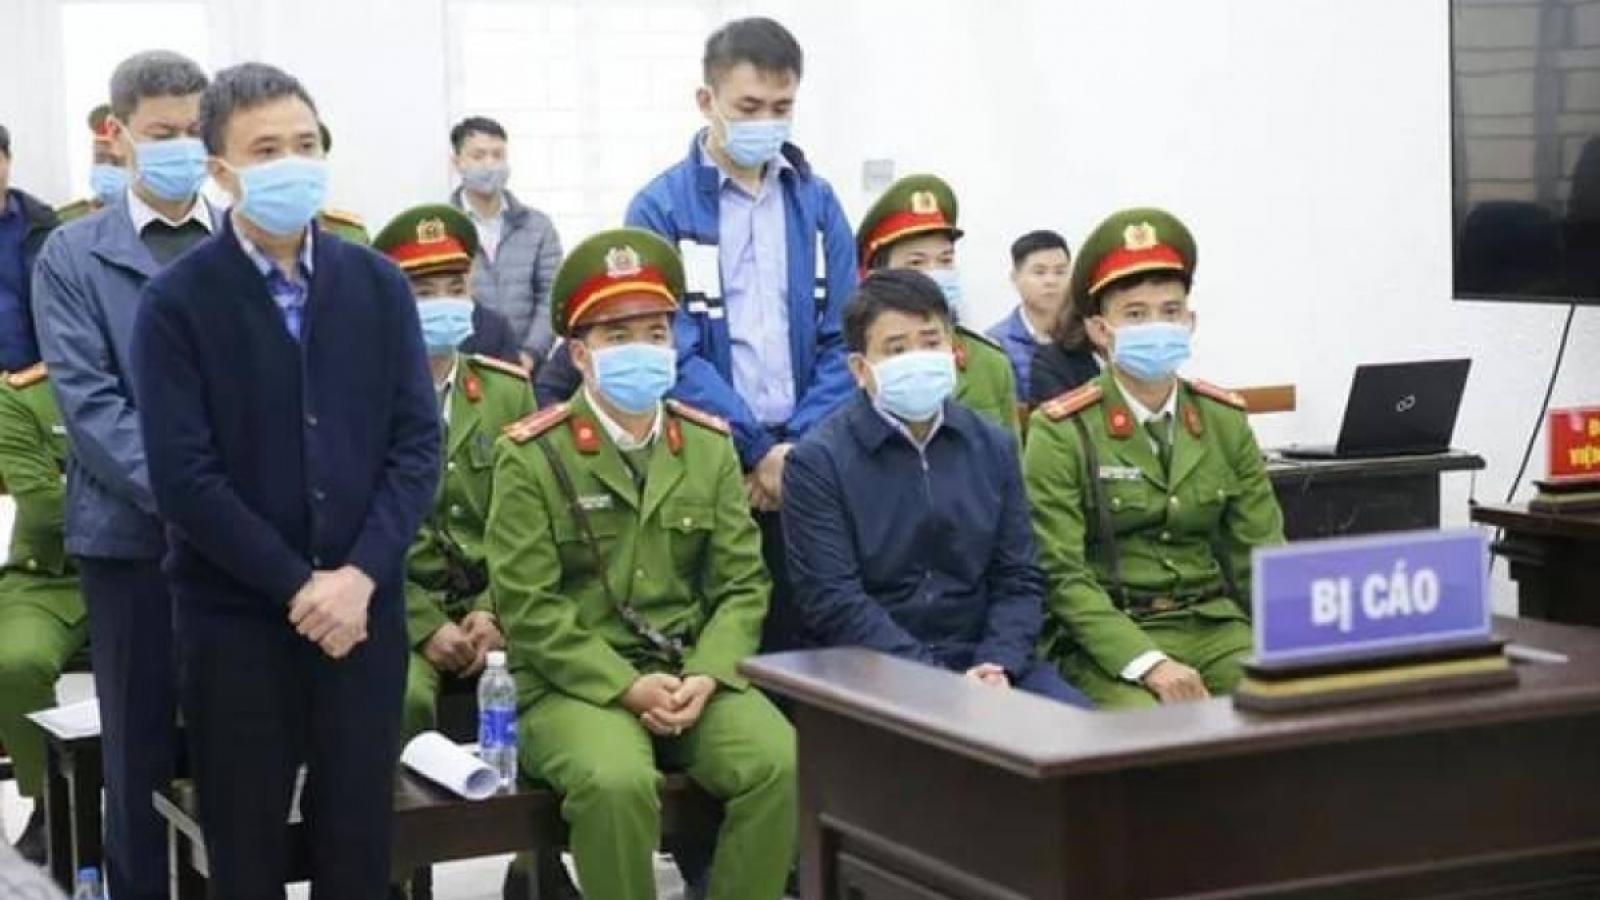 Ông Nguyễn Đức Chung gửi lời xin lỗi Đảng, Nhà nước và Nhân dân